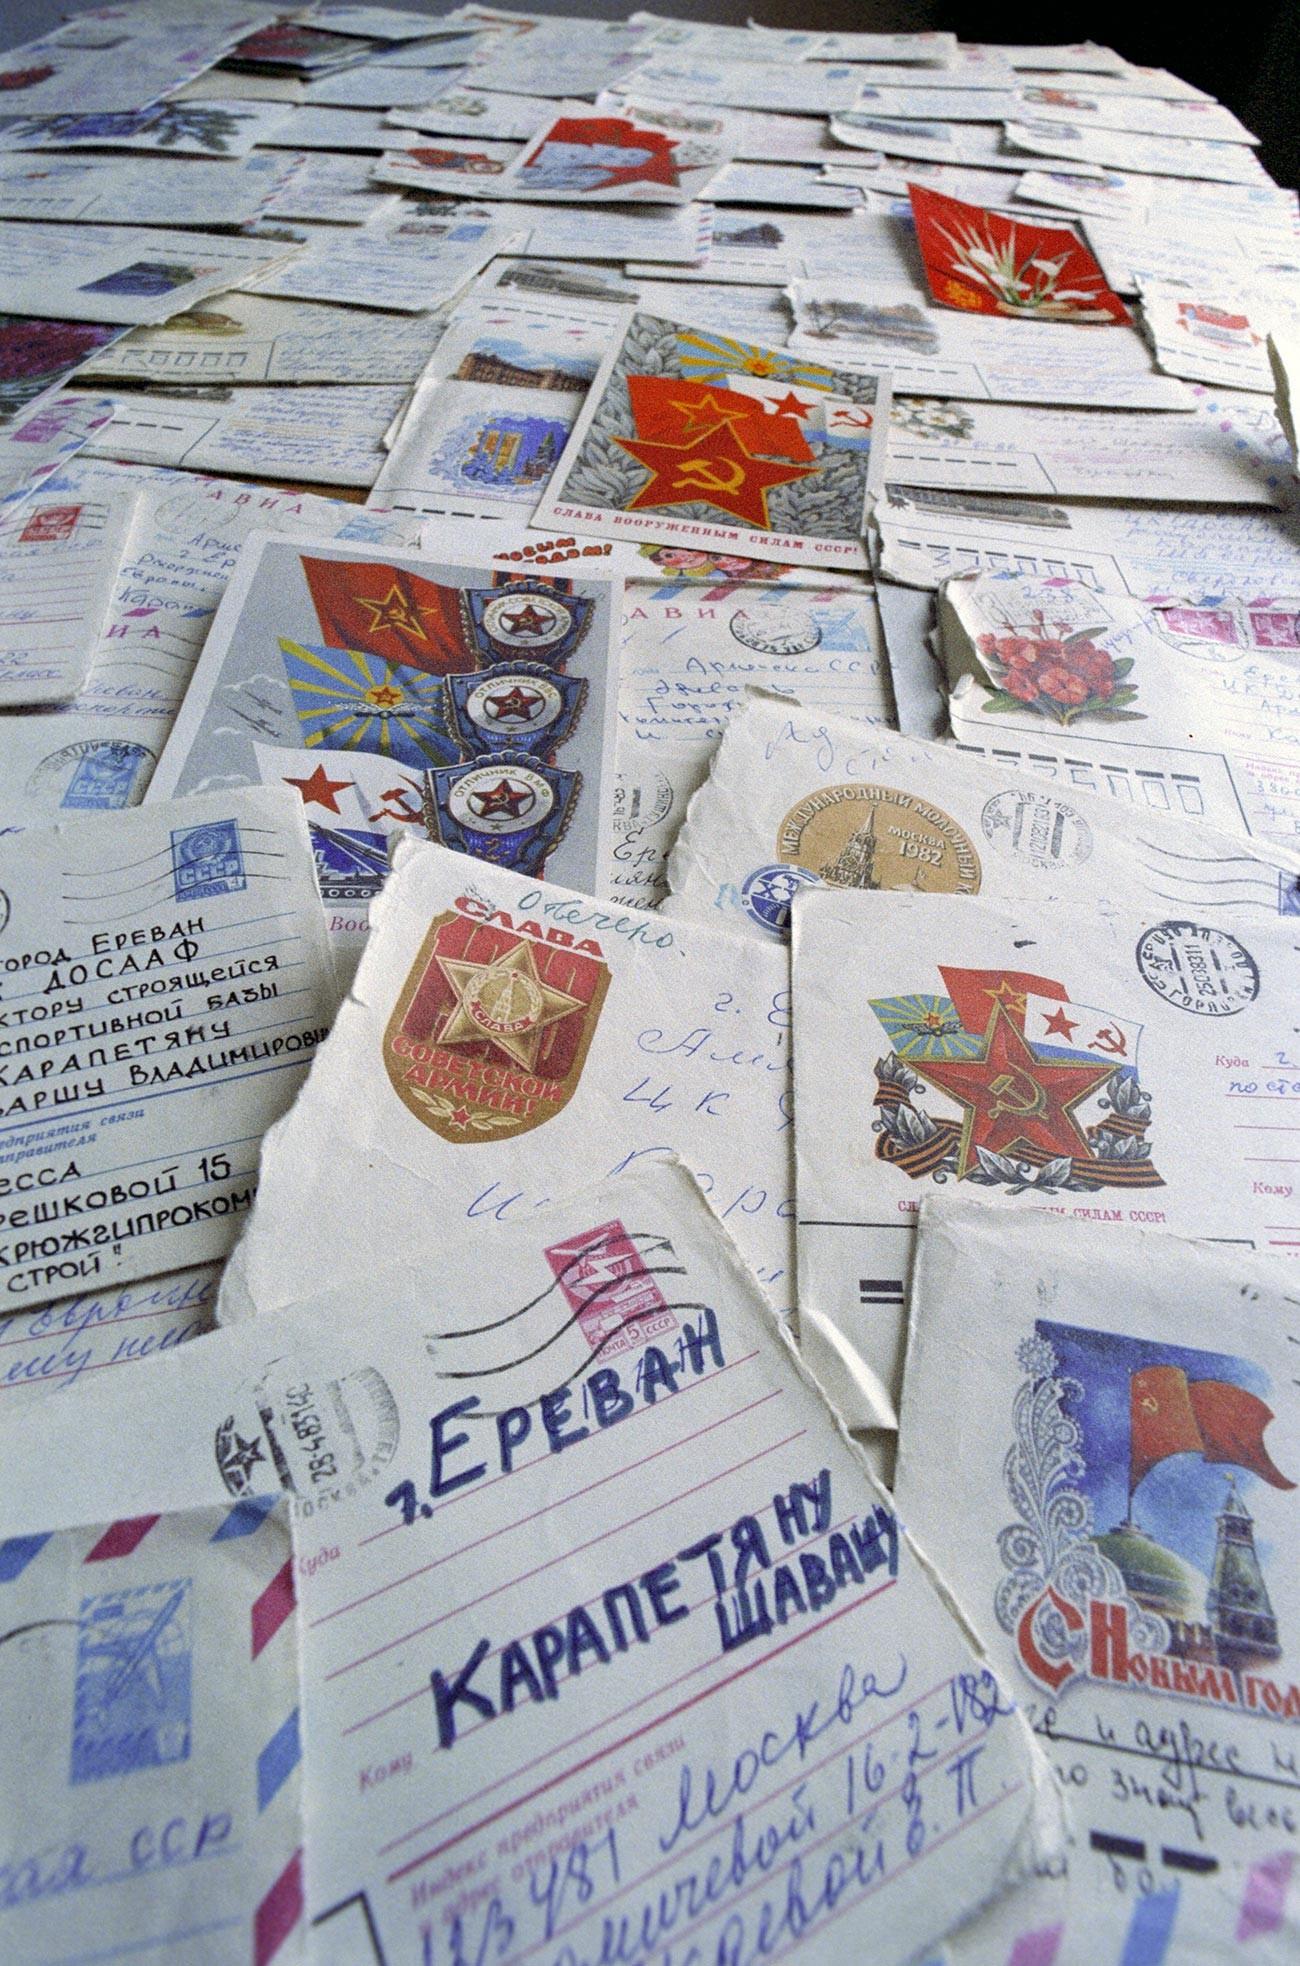 Lettere di ringraziamento inviate a Shavarsh Karapetyan da ogni angolo dell'Unione Sovietica